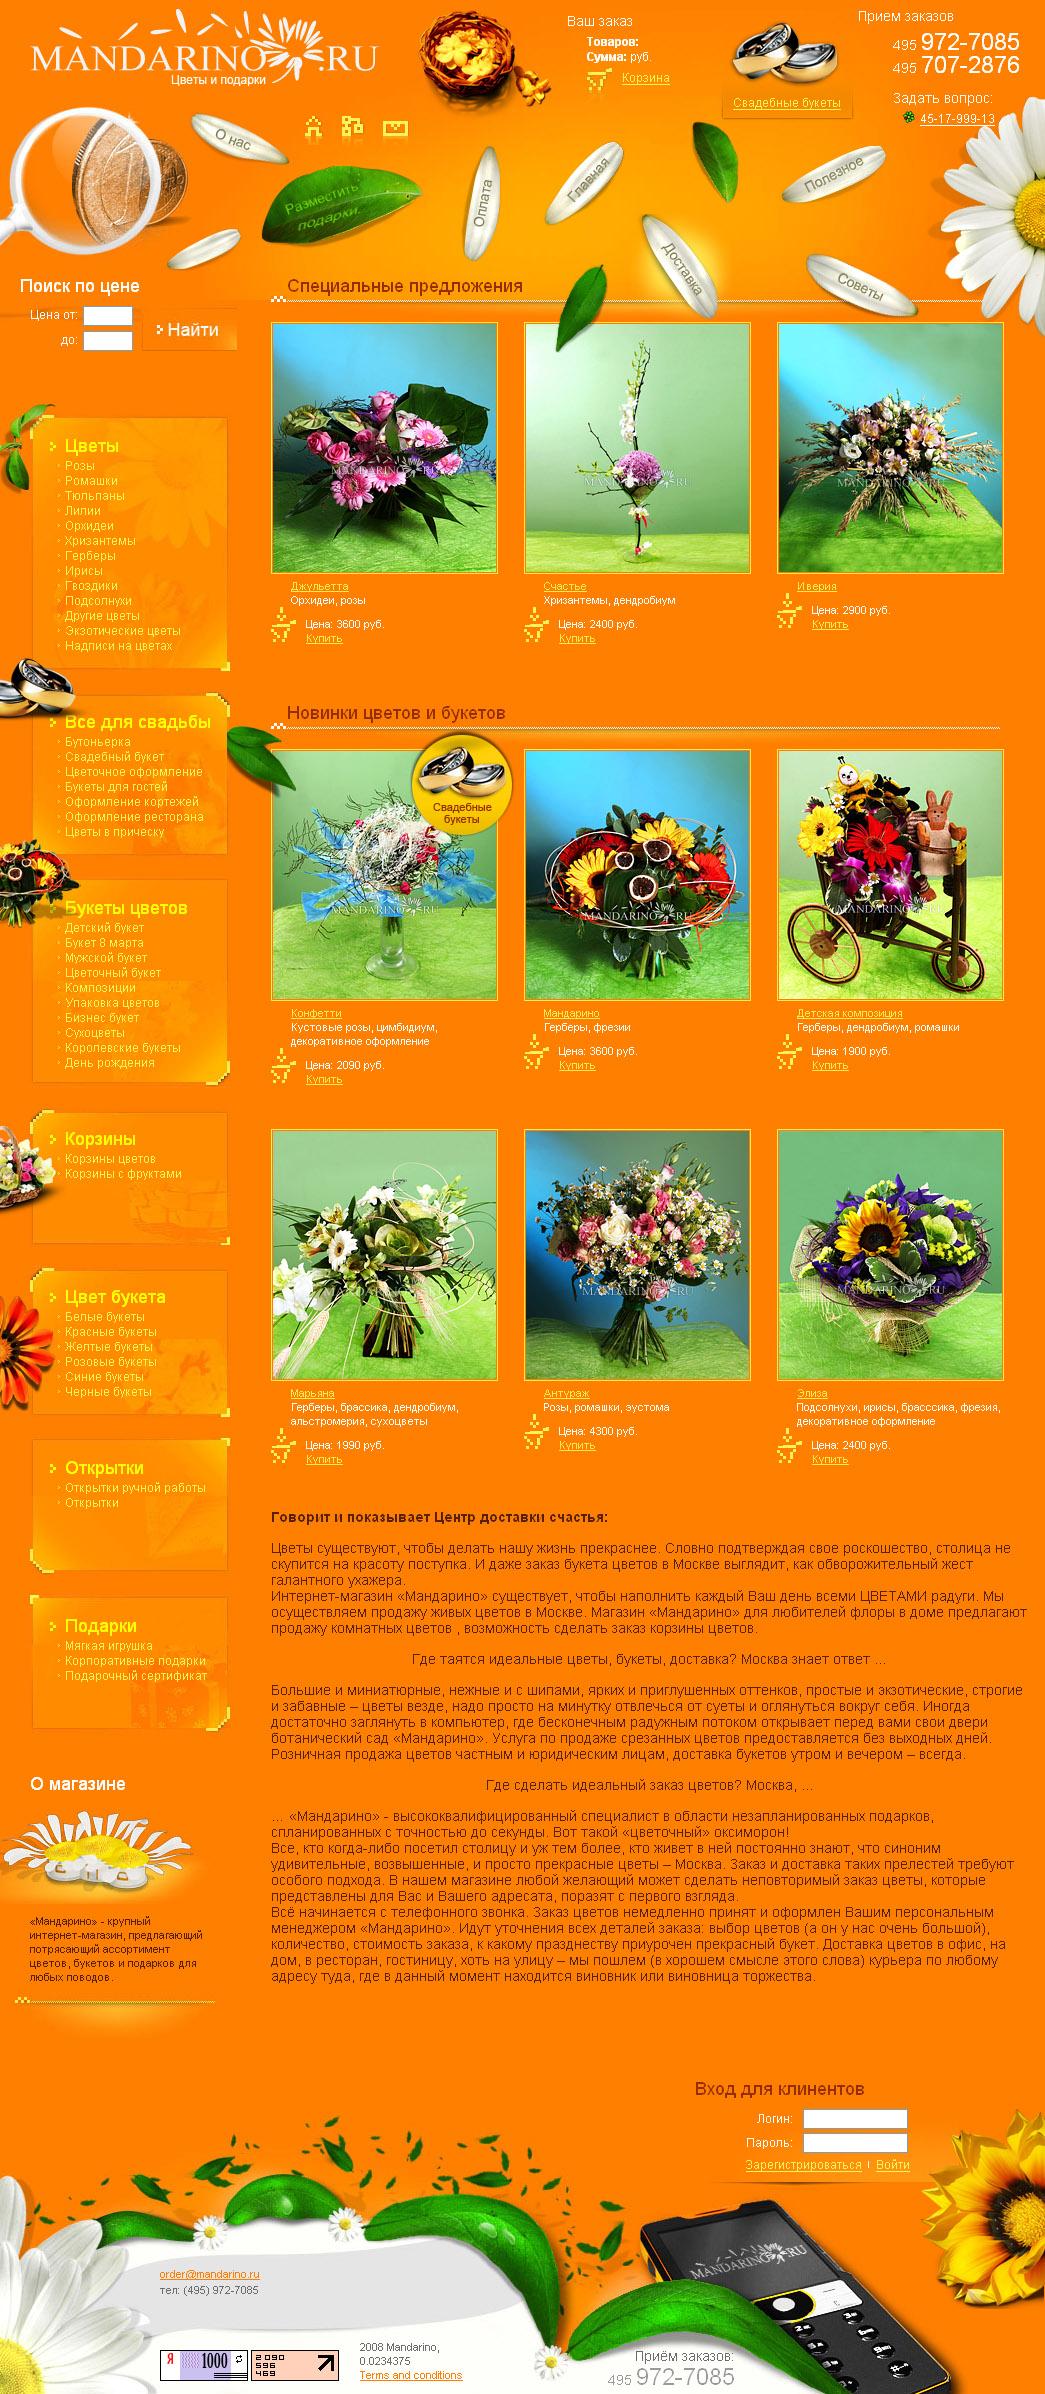 <p>Компания «Мандарино» занимается продажей цветов и букетов, оформлением банкетных залов и украшением всего окружающего мира цветами. Не удивительно, что для рекламы такой компании нужно создать красивый сайт, а как это сделать знали наши дизайнеры.</p>